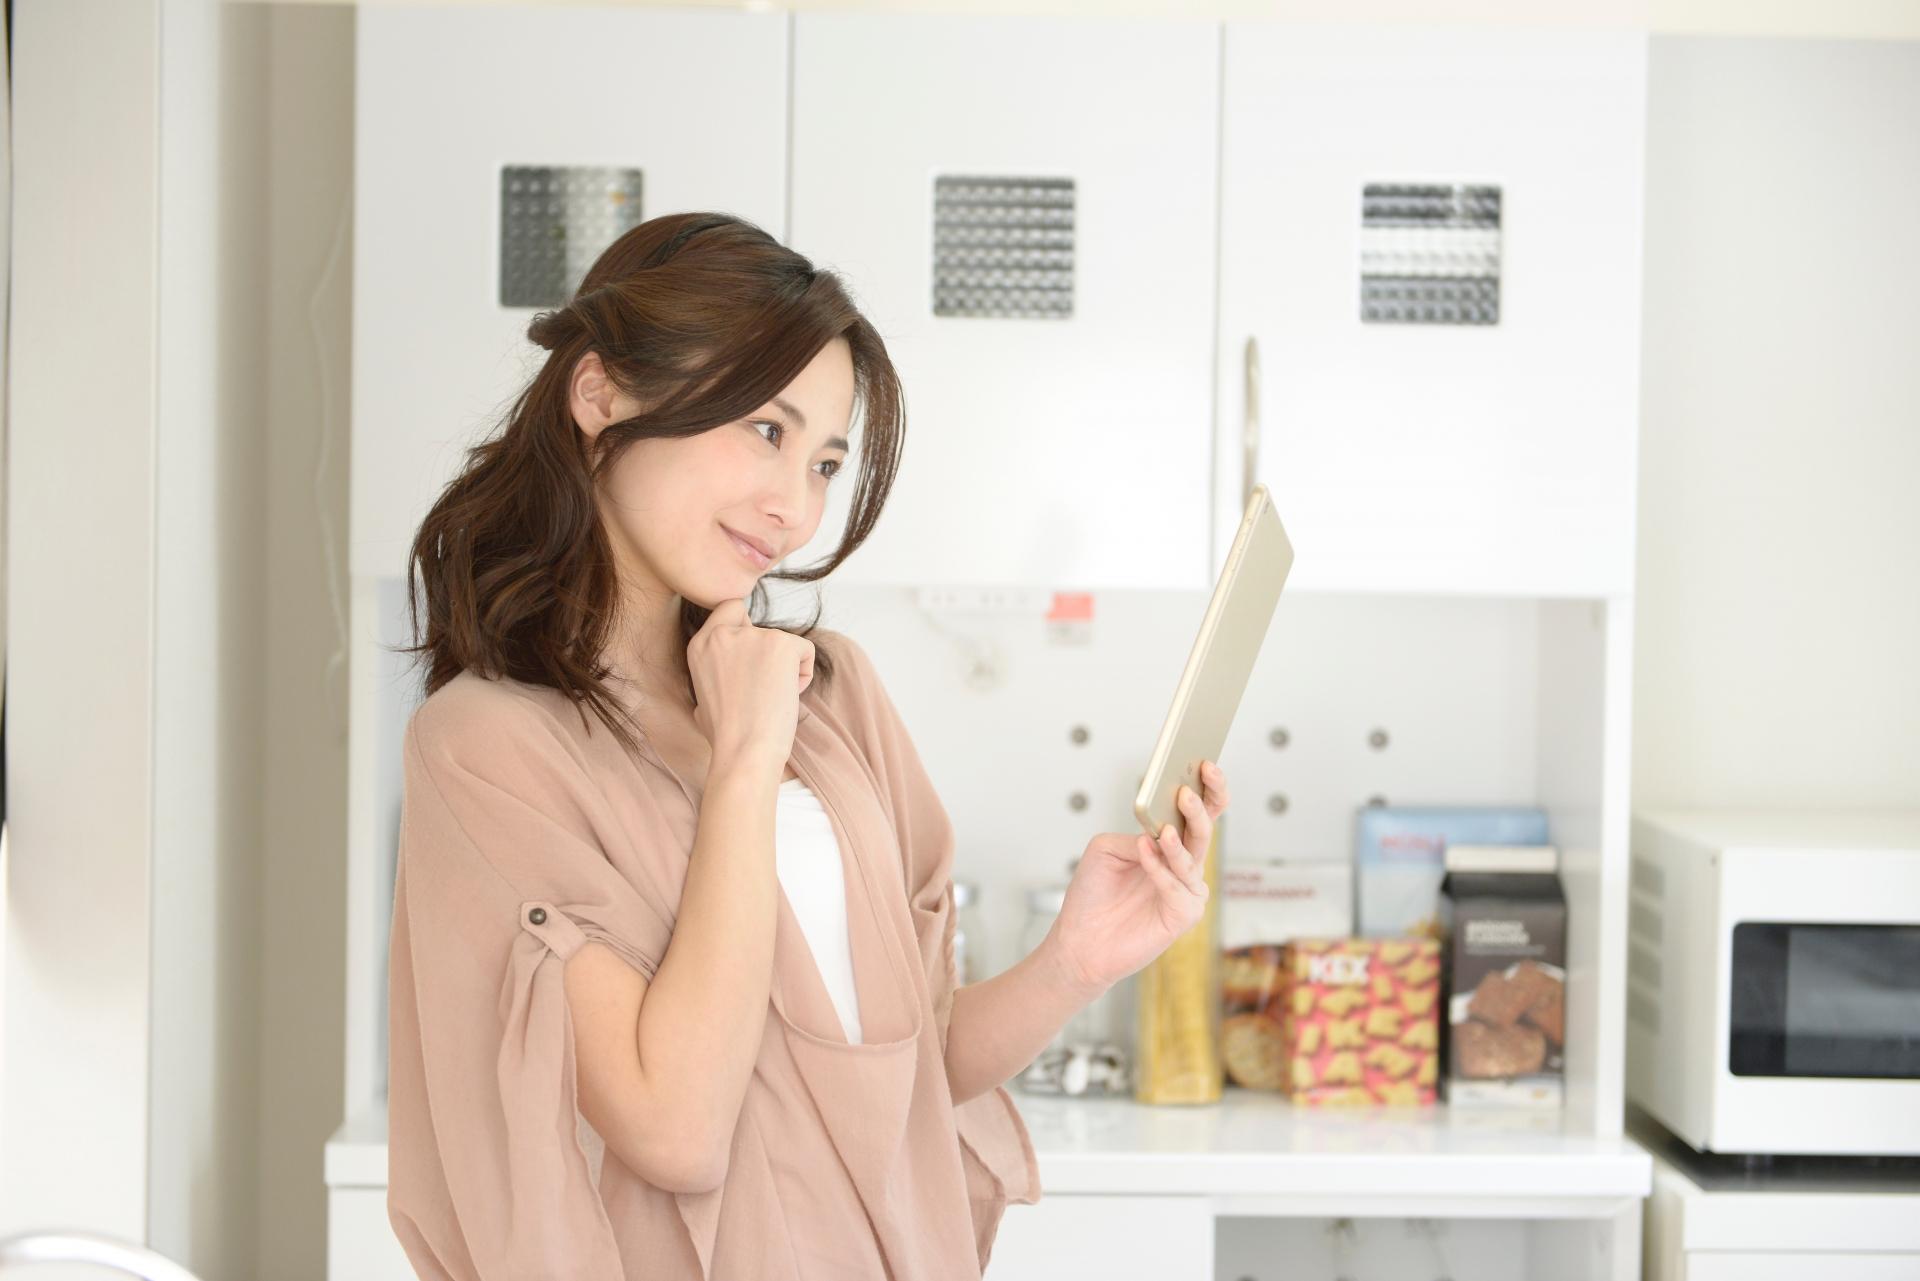 キッチンで掃除に使えそうな不用品ないかしら?と思っている女性